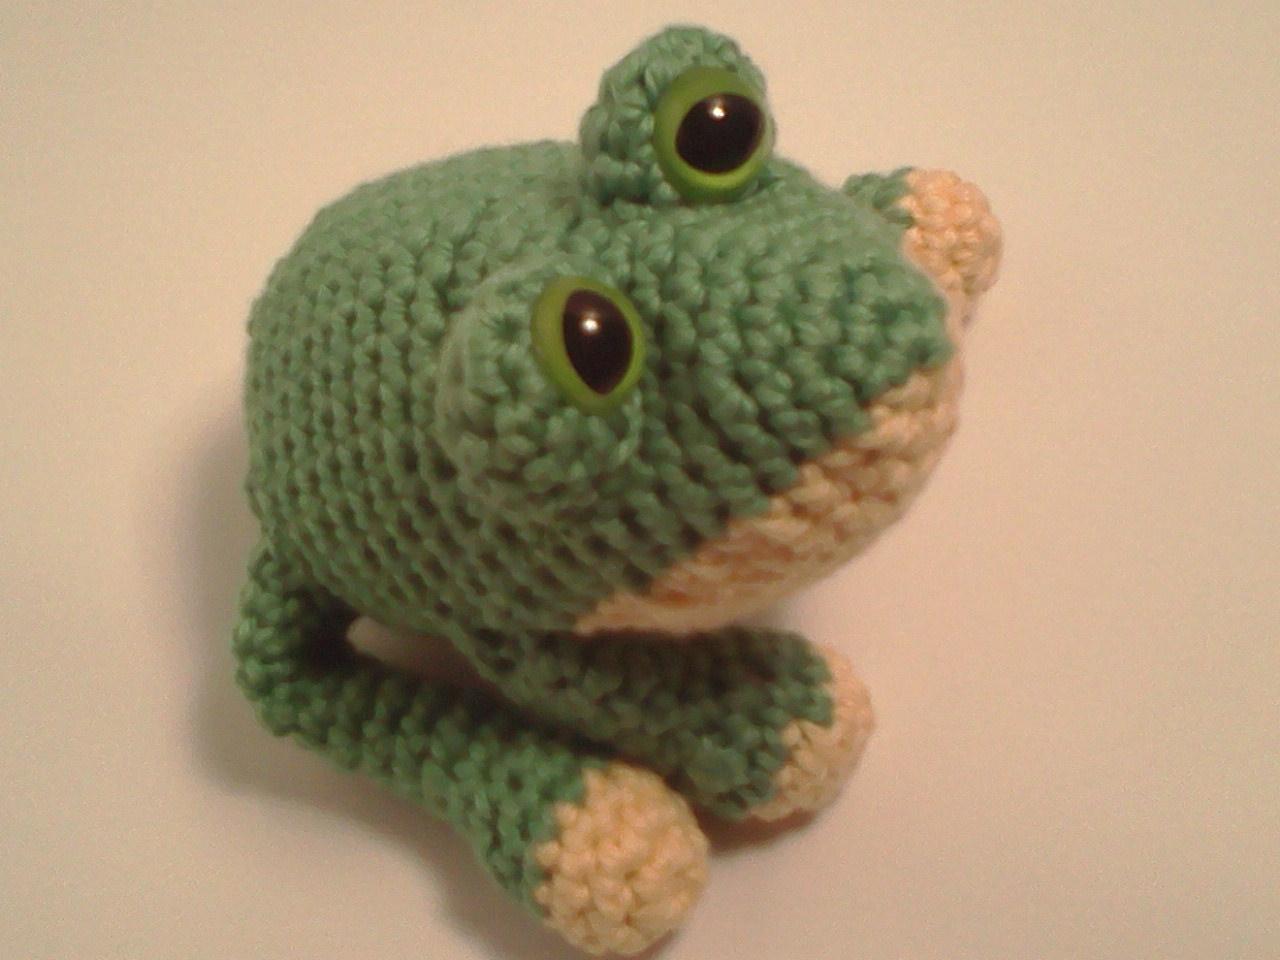 Amigurumi Crochet Frog : Serendipity Creative: Carter Frog AmiPal Amigurumi ...